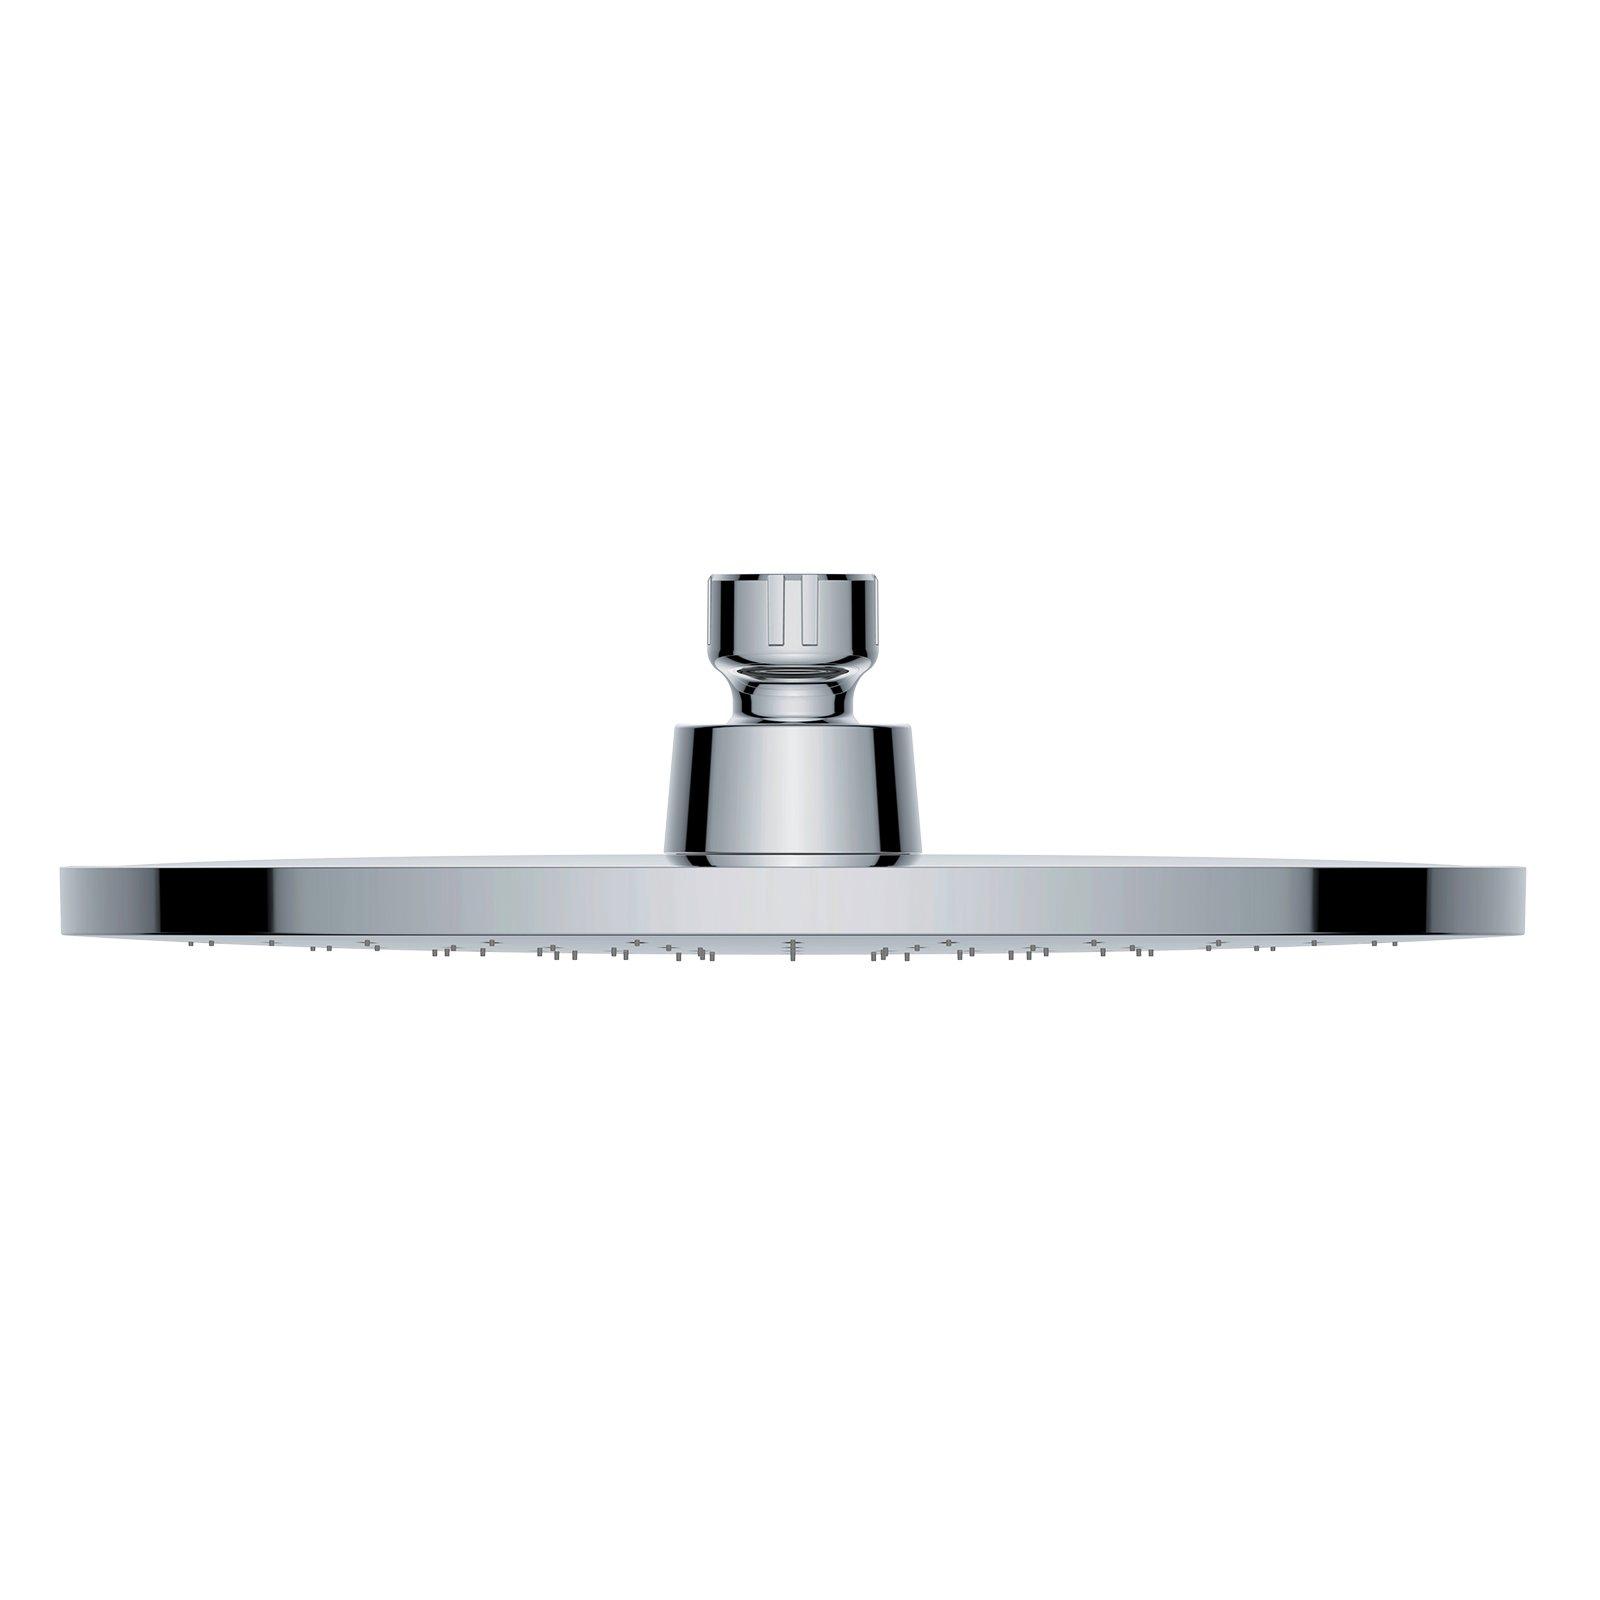 Regendusche ABS-Duschkopf D2250 selbstreinigend - 22,50 cm rund - Farbe wählbar